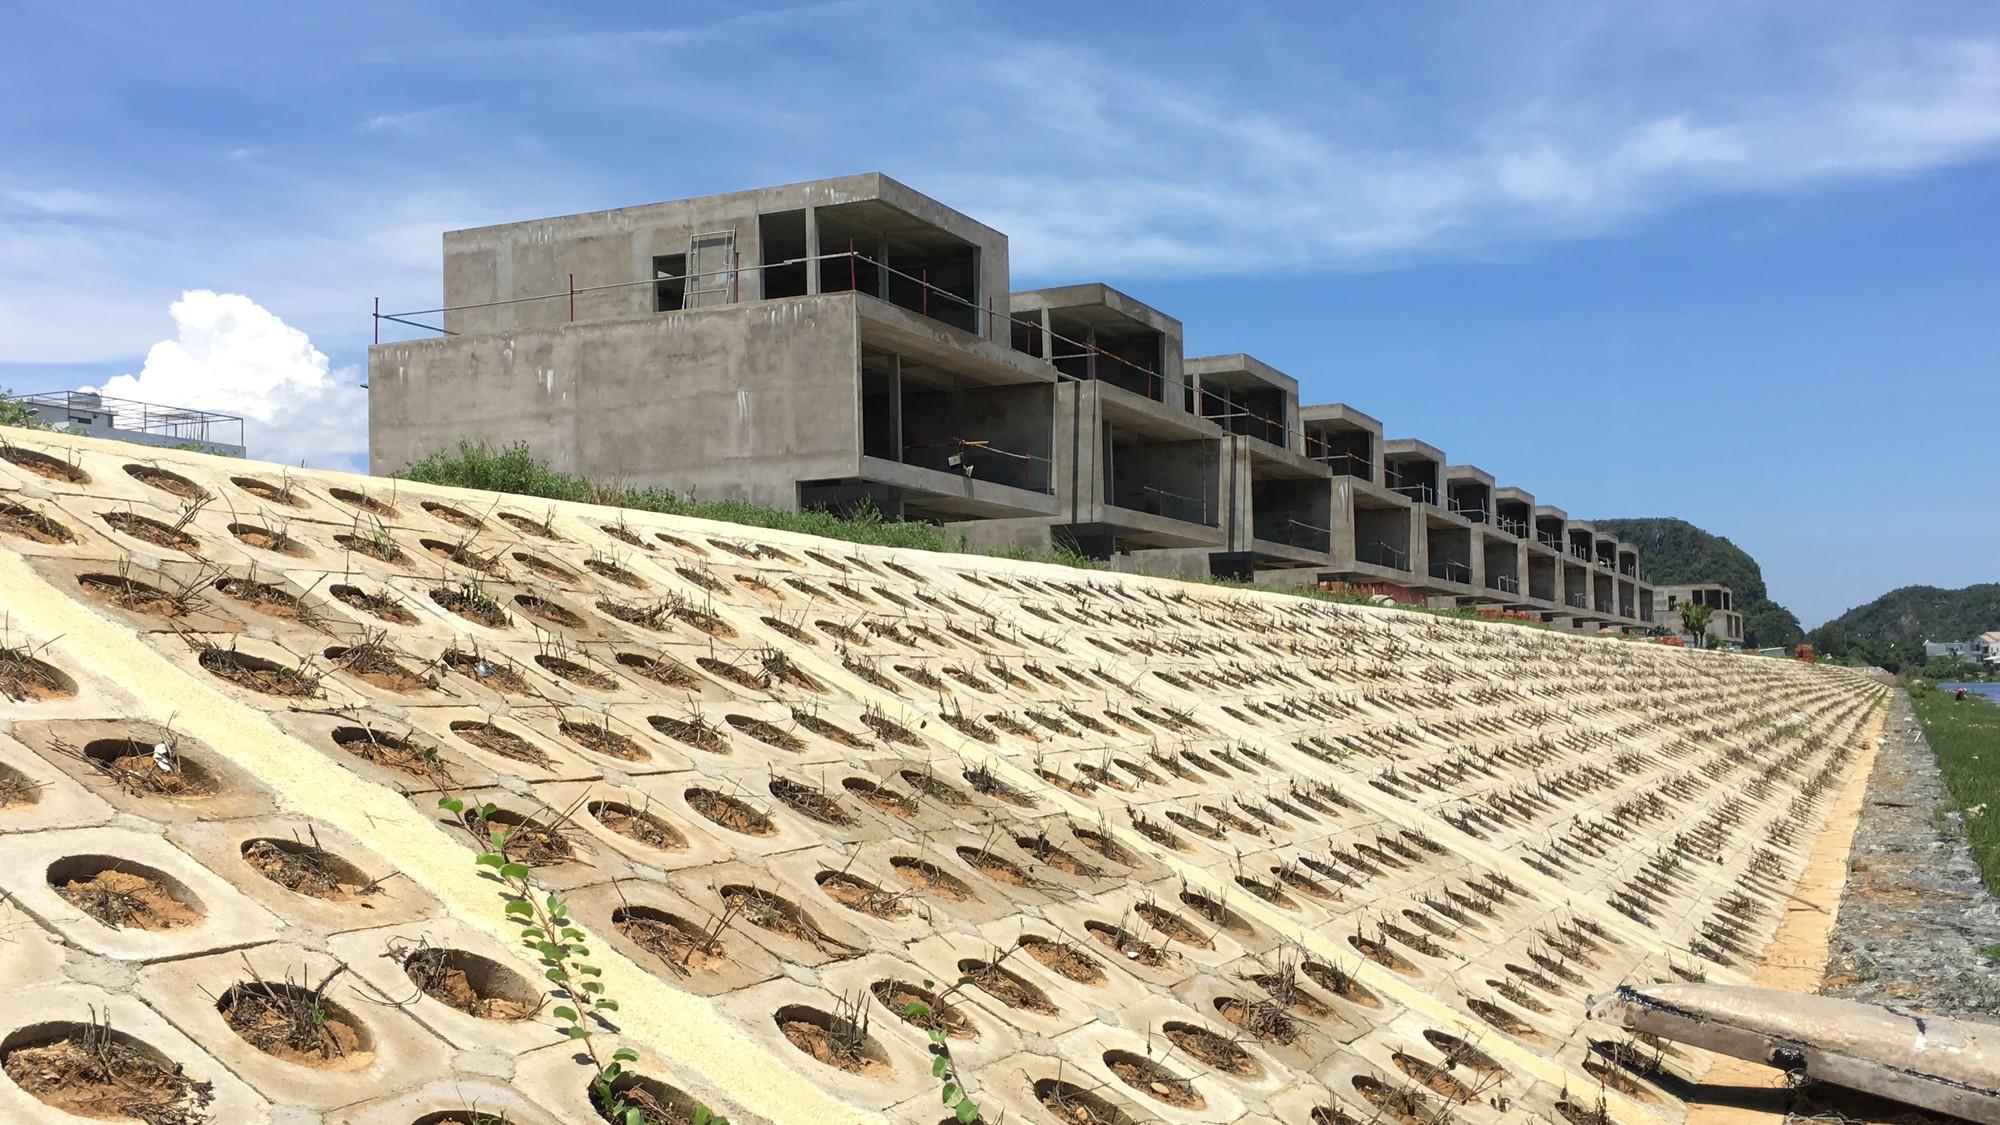 Đà Nẵng cấp sổ đối với 36 căn biệt thự của Đất Xanh Miền Trung từng bị thu hồi giấy phép - Ảnh 2.